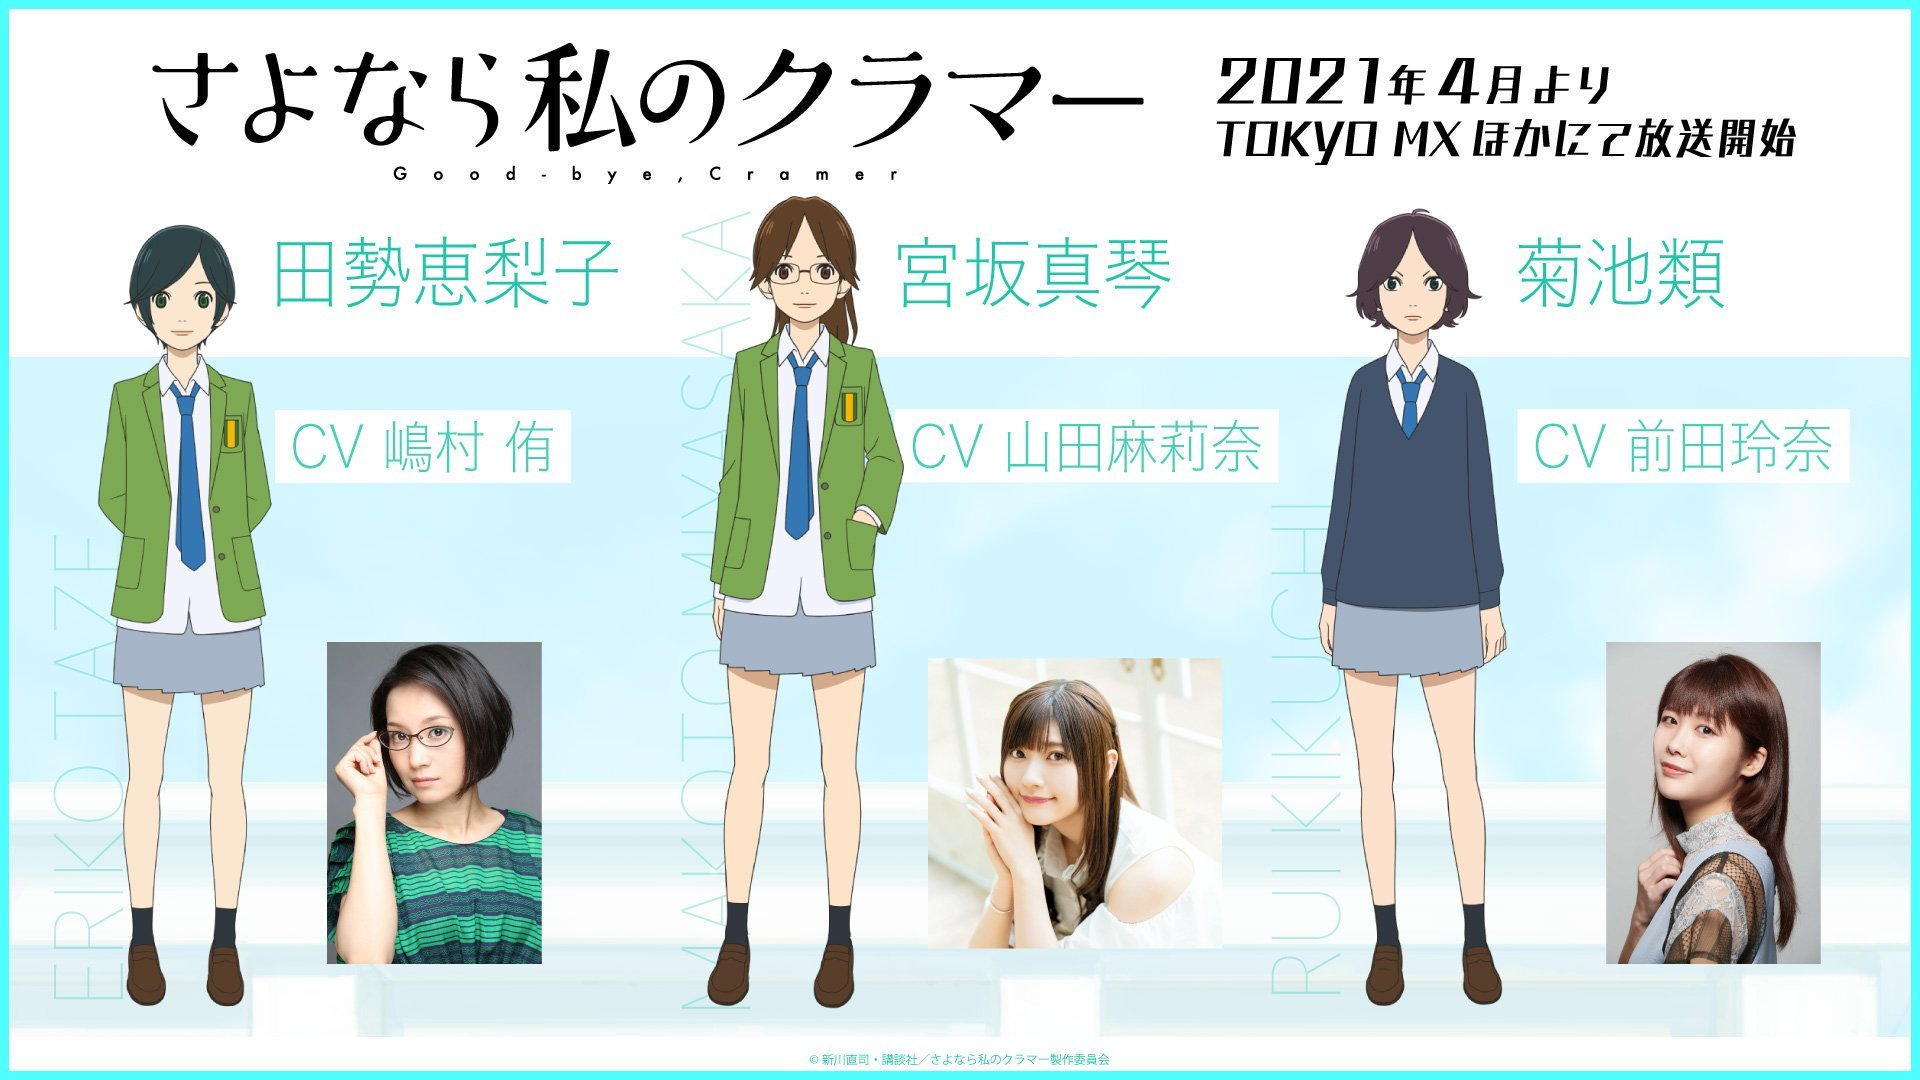 Yu Shimamura als Eriko Tase , Marina Yamada als Makoto Miyasaka, Rena Maeda als Rui Kikuchi